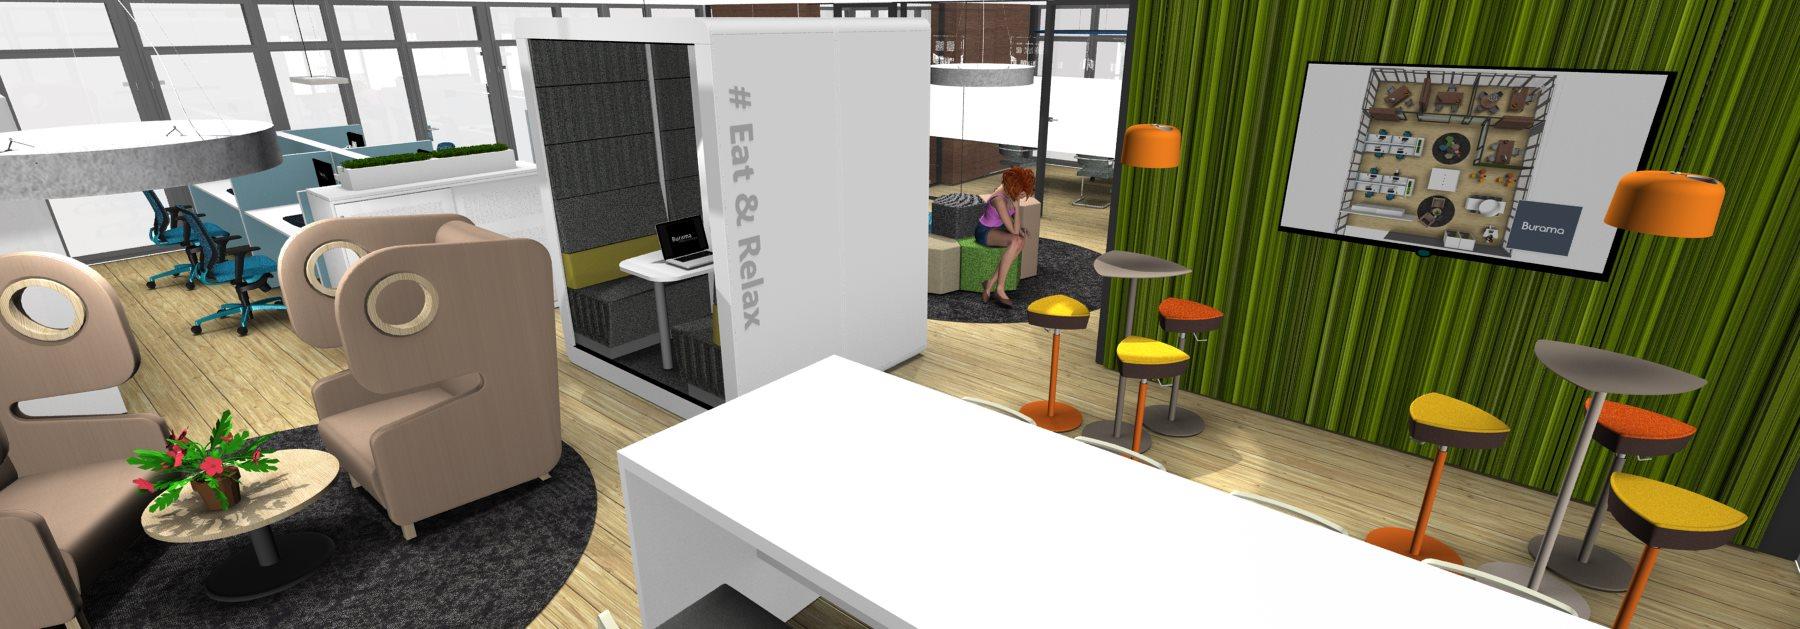 5 conseils de taille pour l am nagement de bureau professionnel. Black Bedroom Furniture Sets. Home Design Ideas